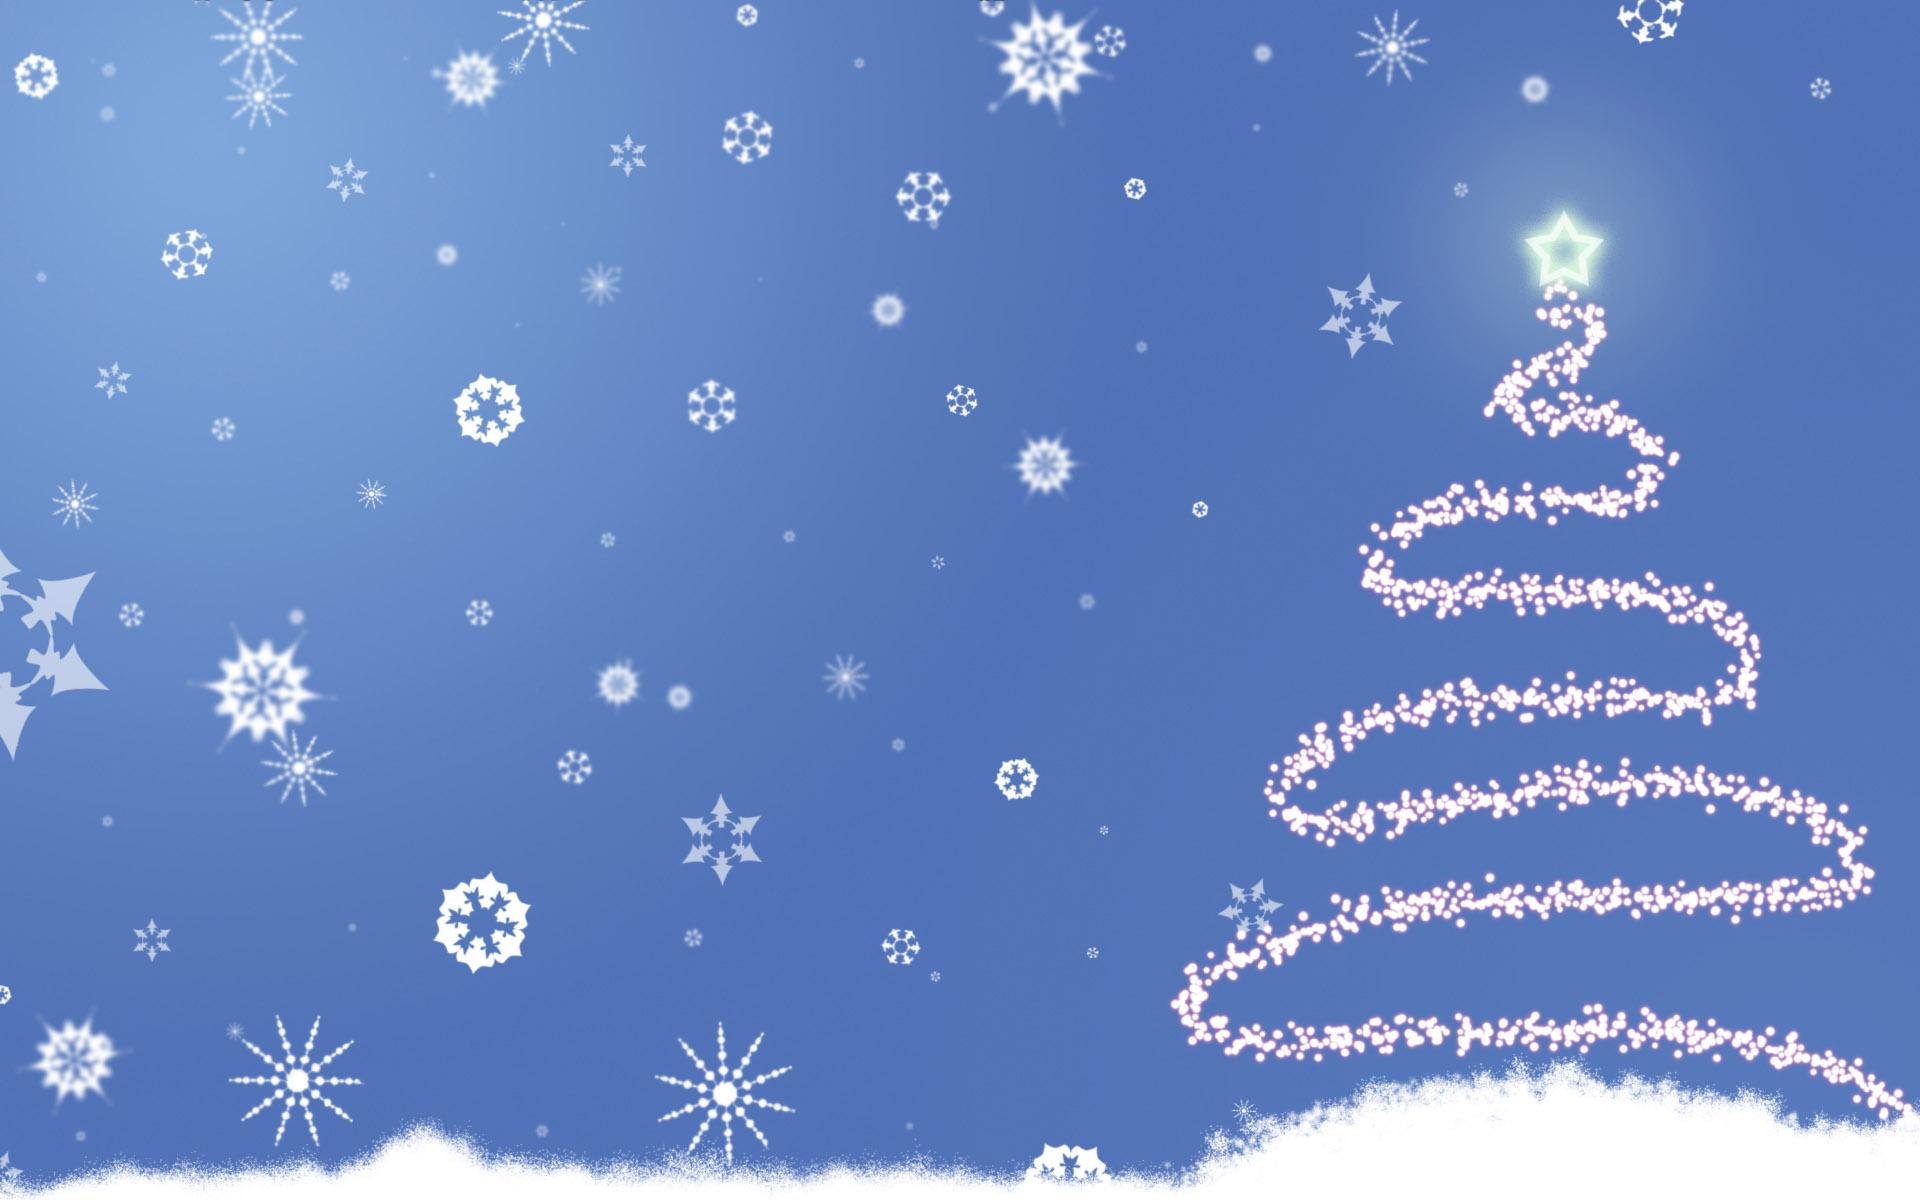 продолжает открытки со снежинками и елками пюре поставьте